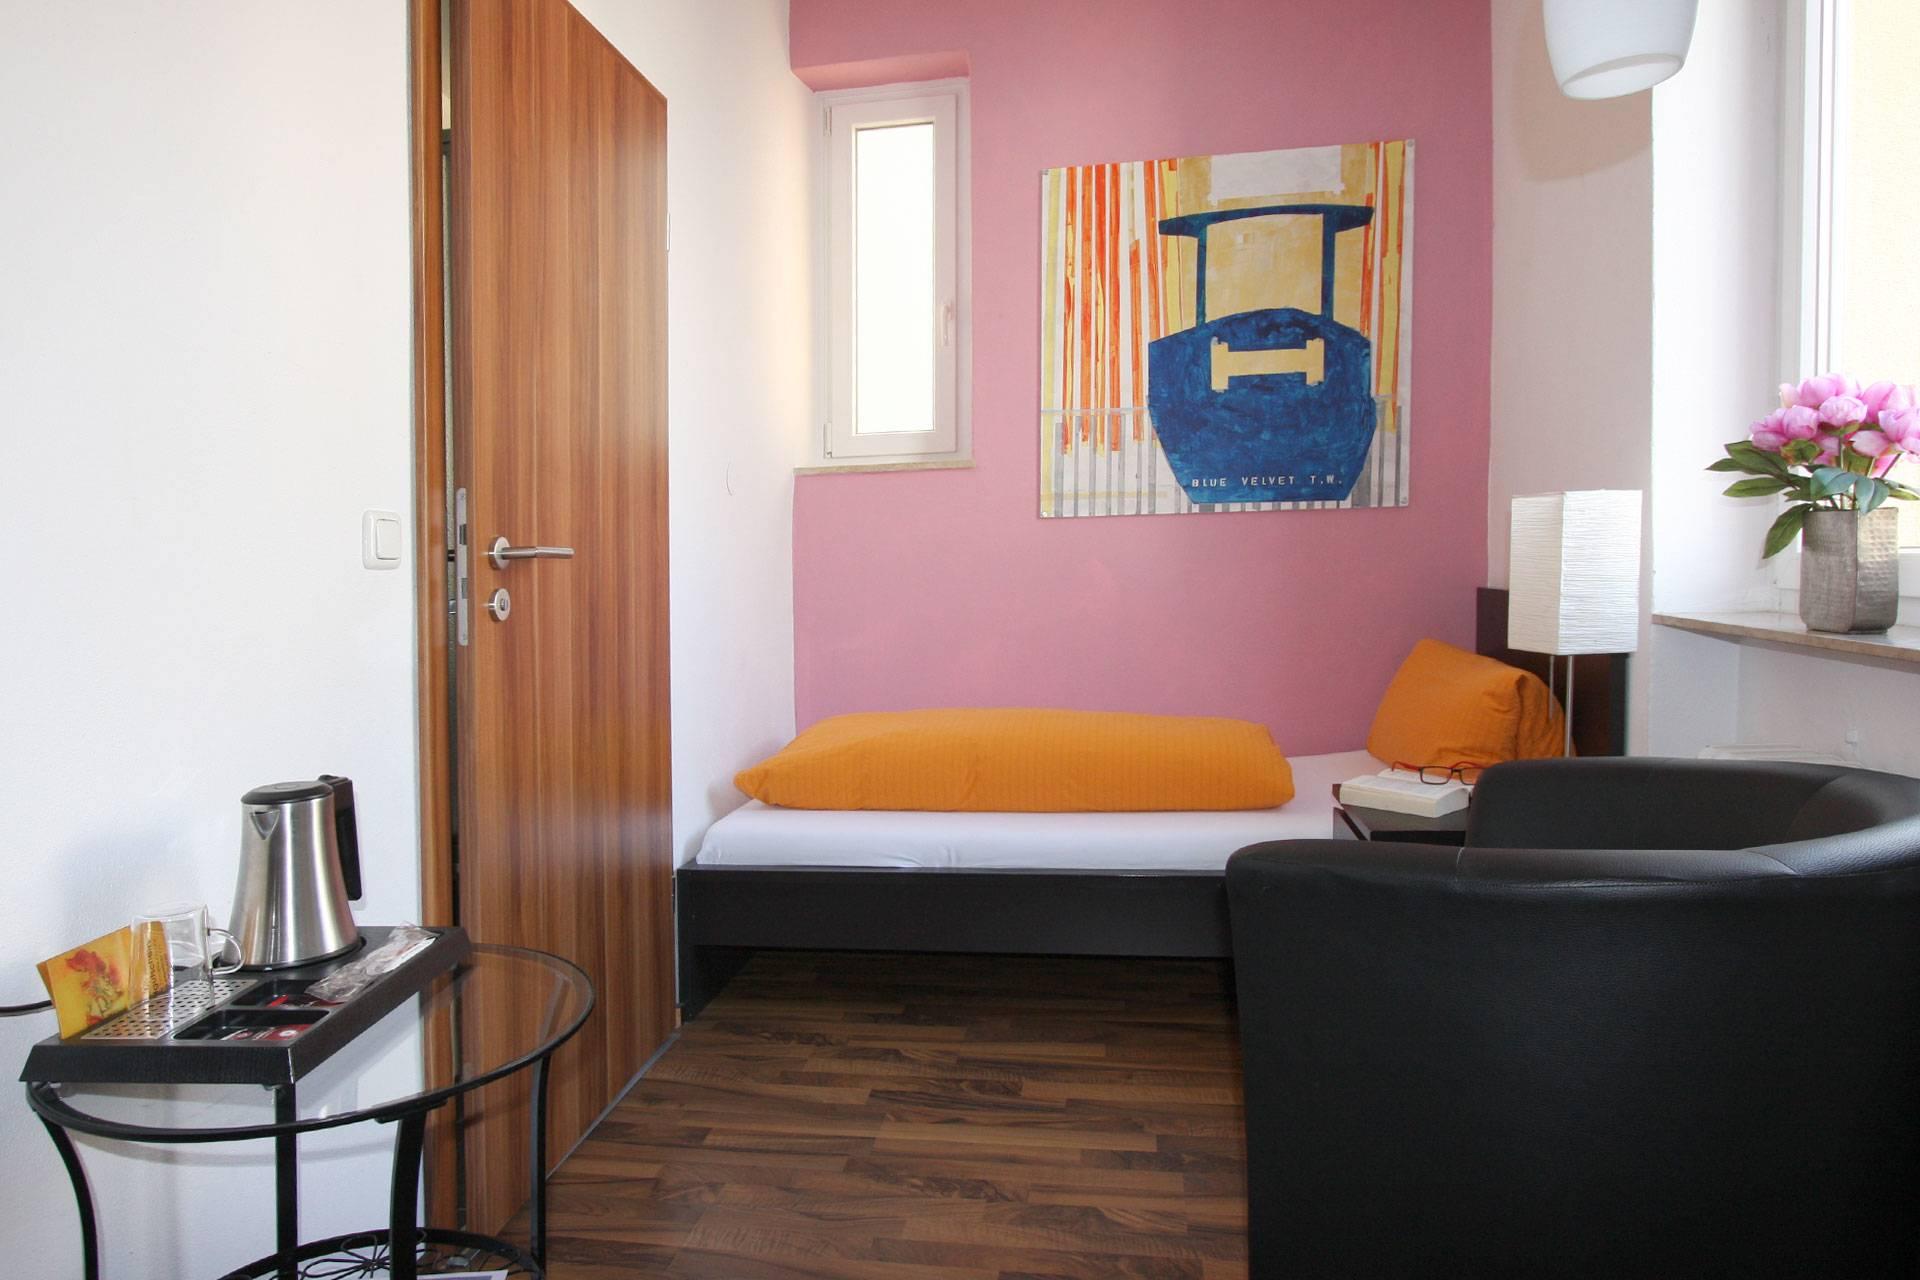 Standard Einzelzimmer | Standard Single Room